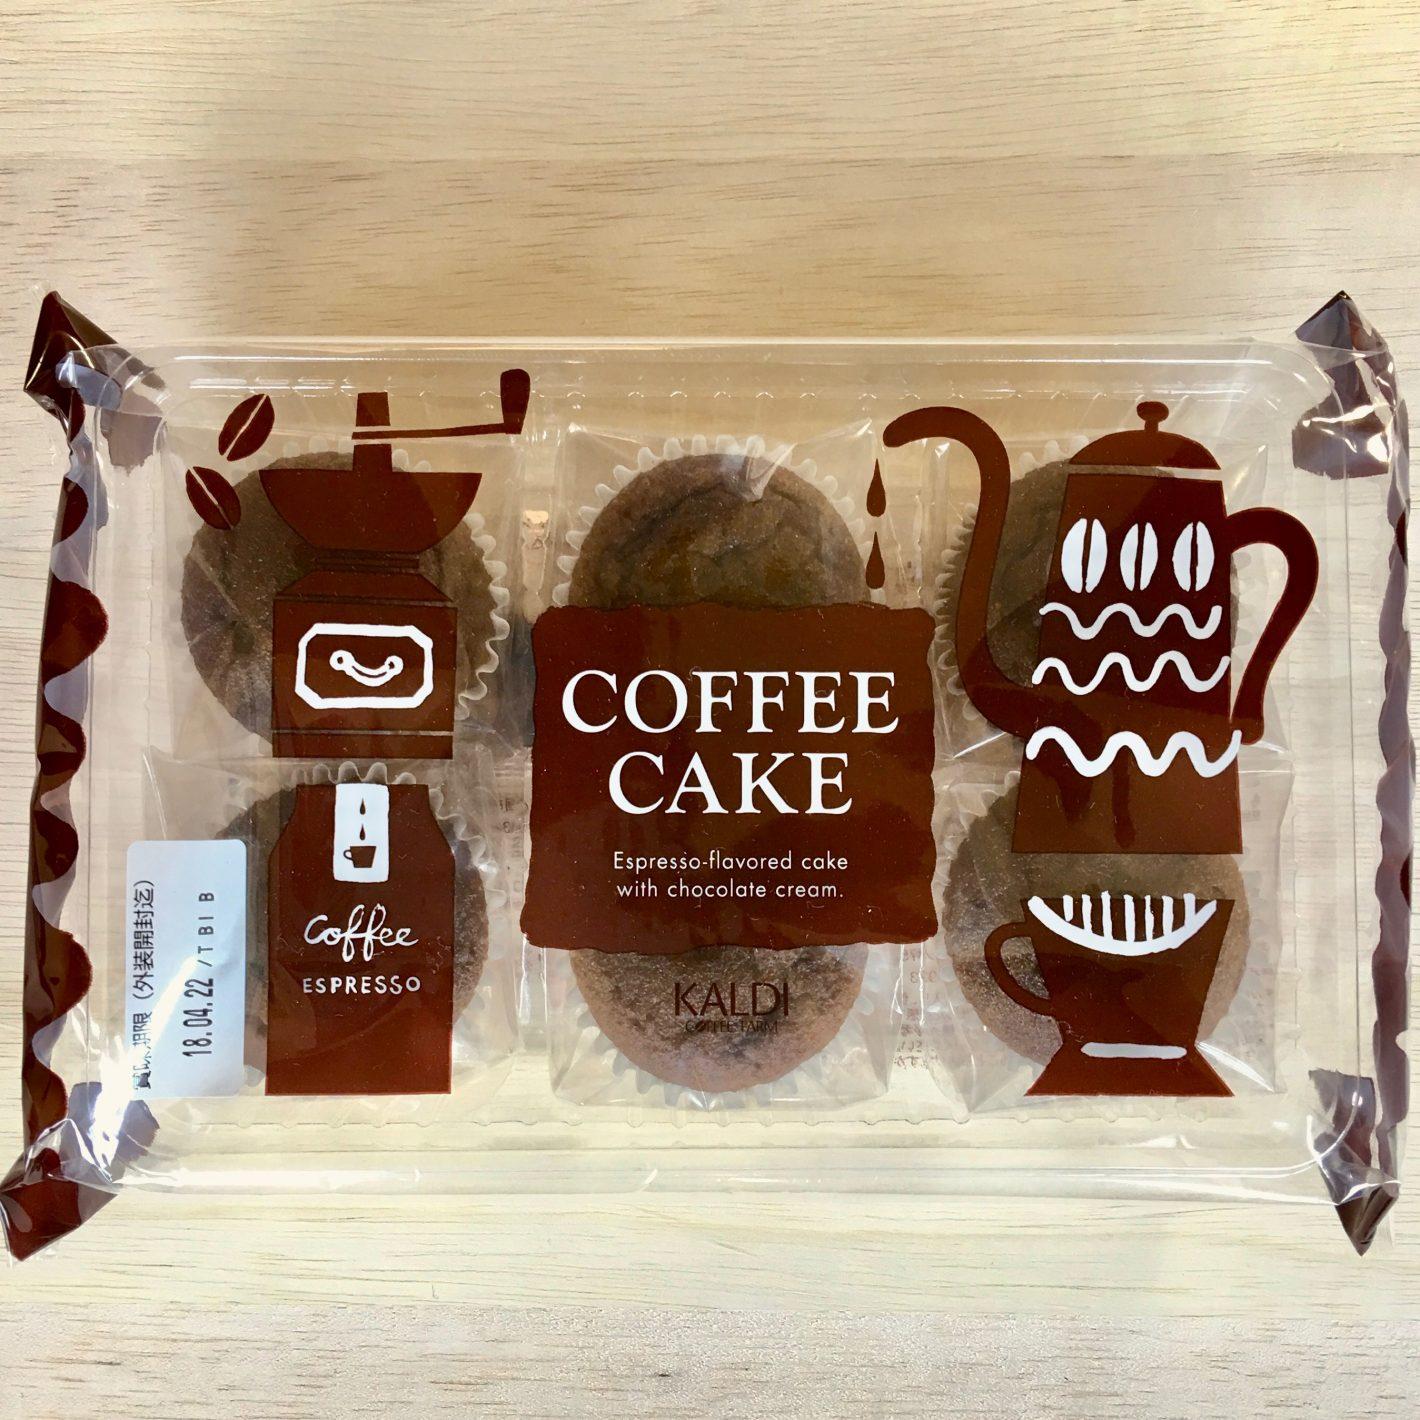 カルディ・コーヒーケーキ・パッケージ全体